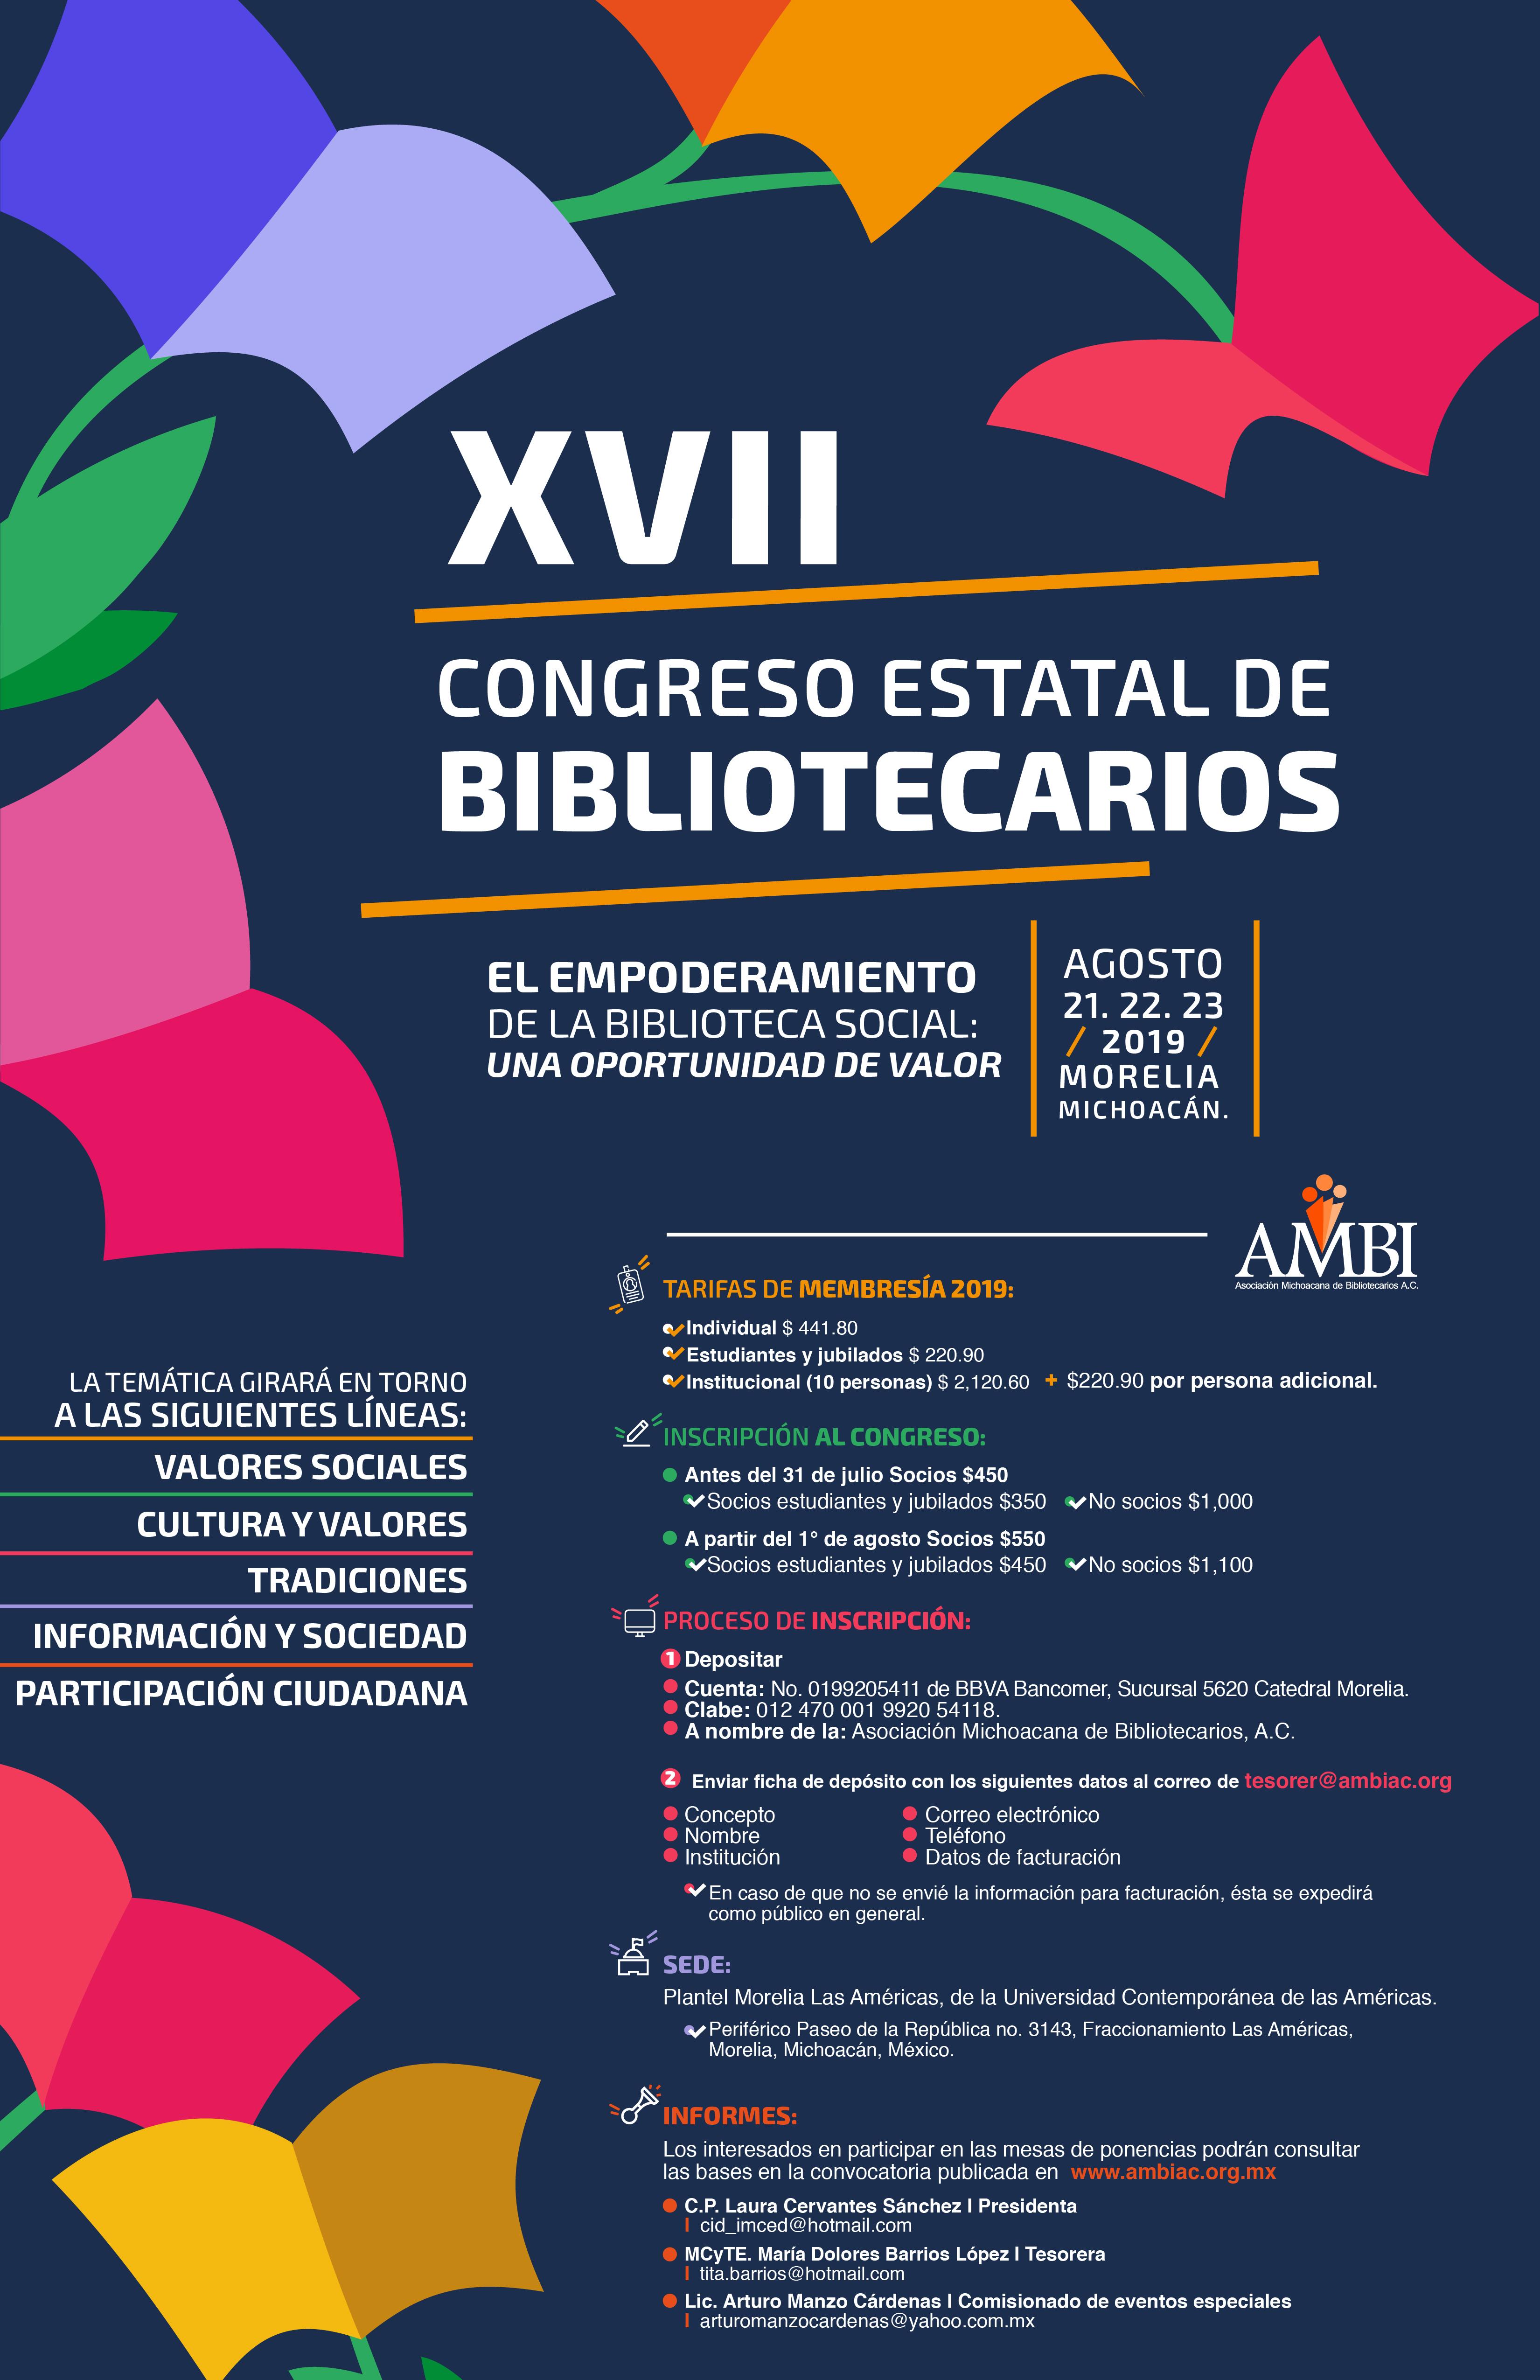 Invitación al XVII Congreso Estatal de Bibliotecarios.